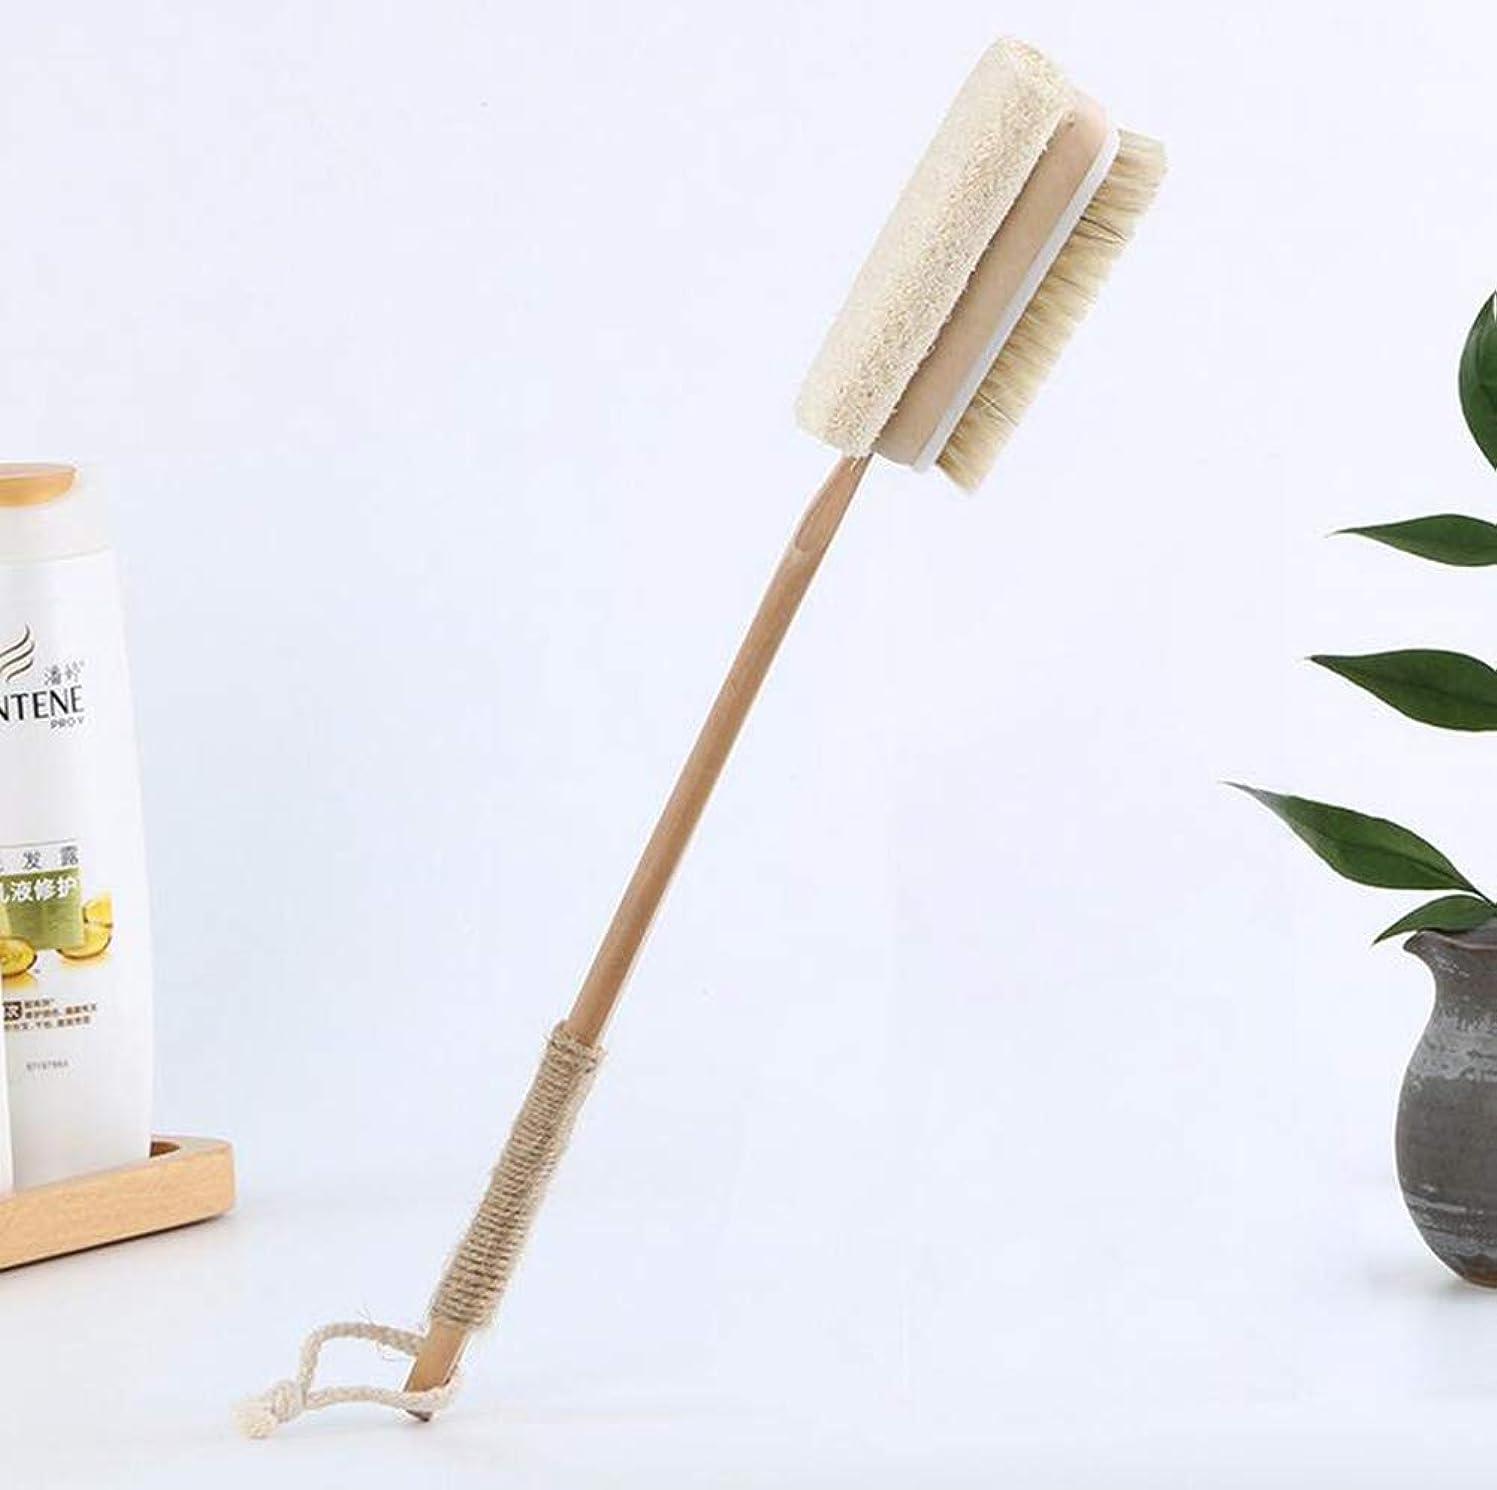 オーク同志着実にバスブラシ、長い木製ハンドルドライブラシボディブラシバスブラシ長いハンドル、皮膚やセルライトを剥離するため、ウェットまたはドライ使用